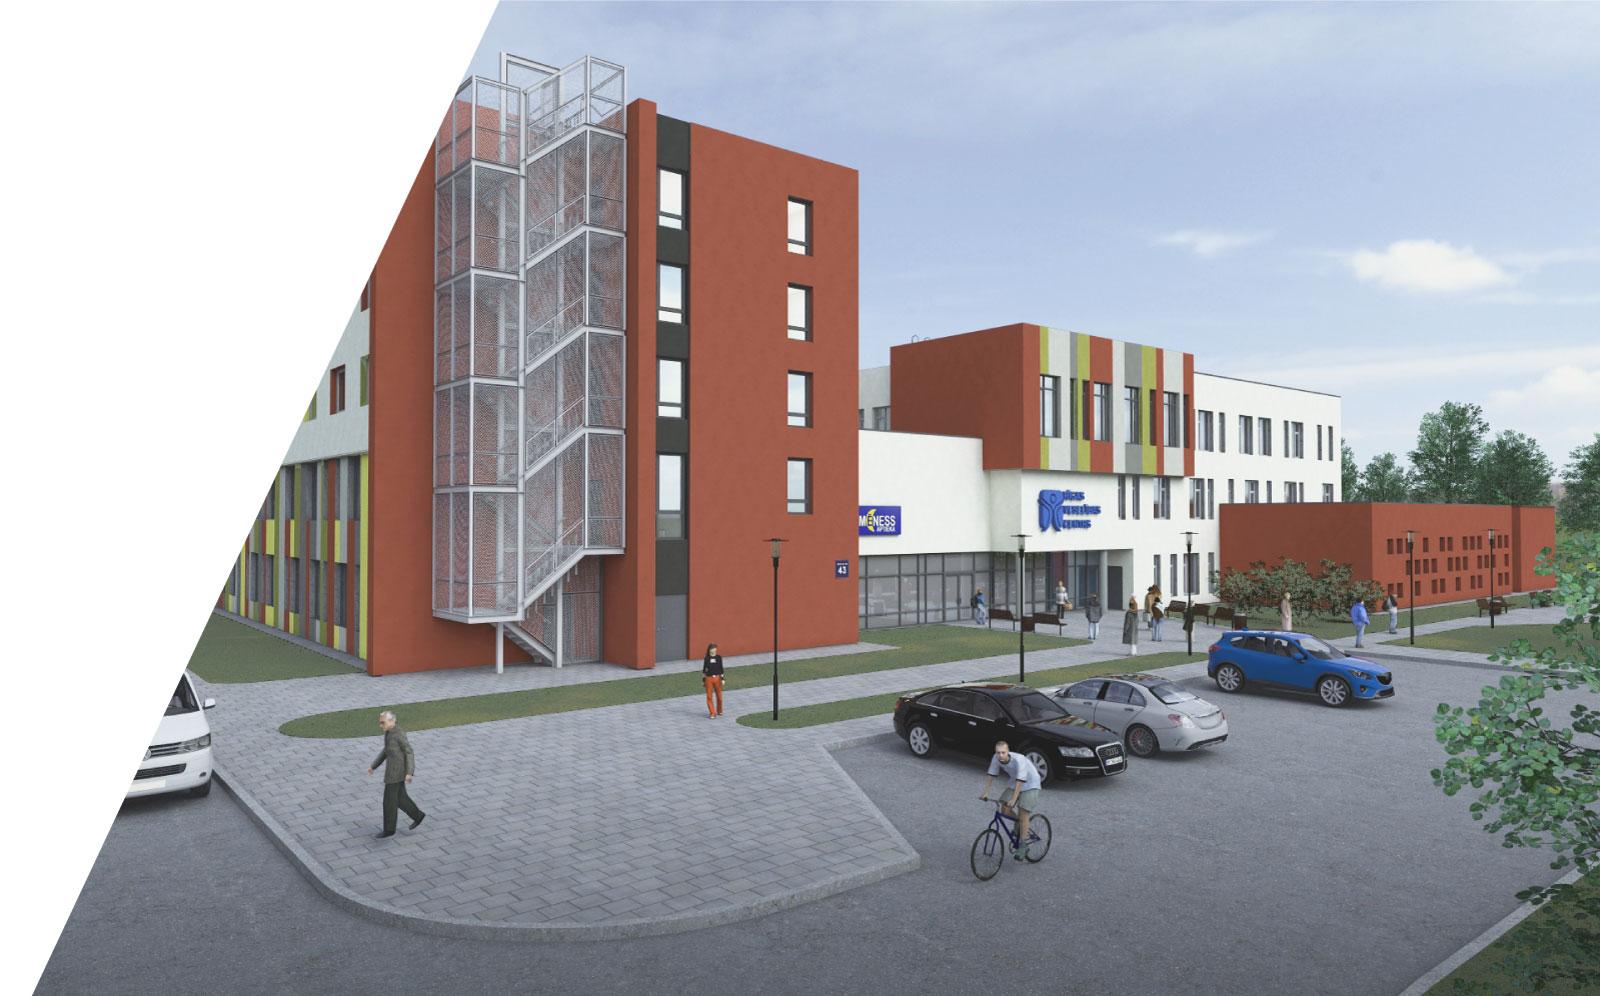 Trīs savstarpēji saistītas sociālās dzīvojamās mājas ar Rīgas sociālā dienesta teritoriālo centru, dienas centru un veselības centru Mežrozīšu ielā 43, Rīgā